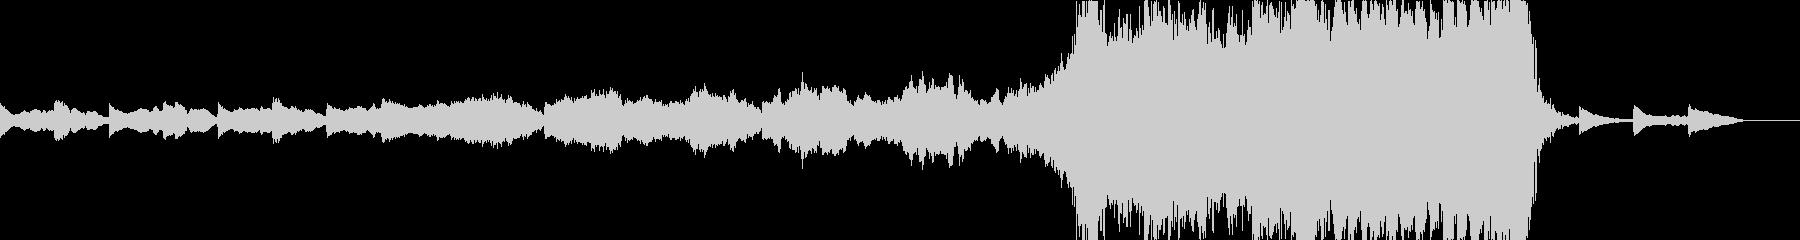 重いエピックオーケストラと螺旋 タムなしの未再生の波形